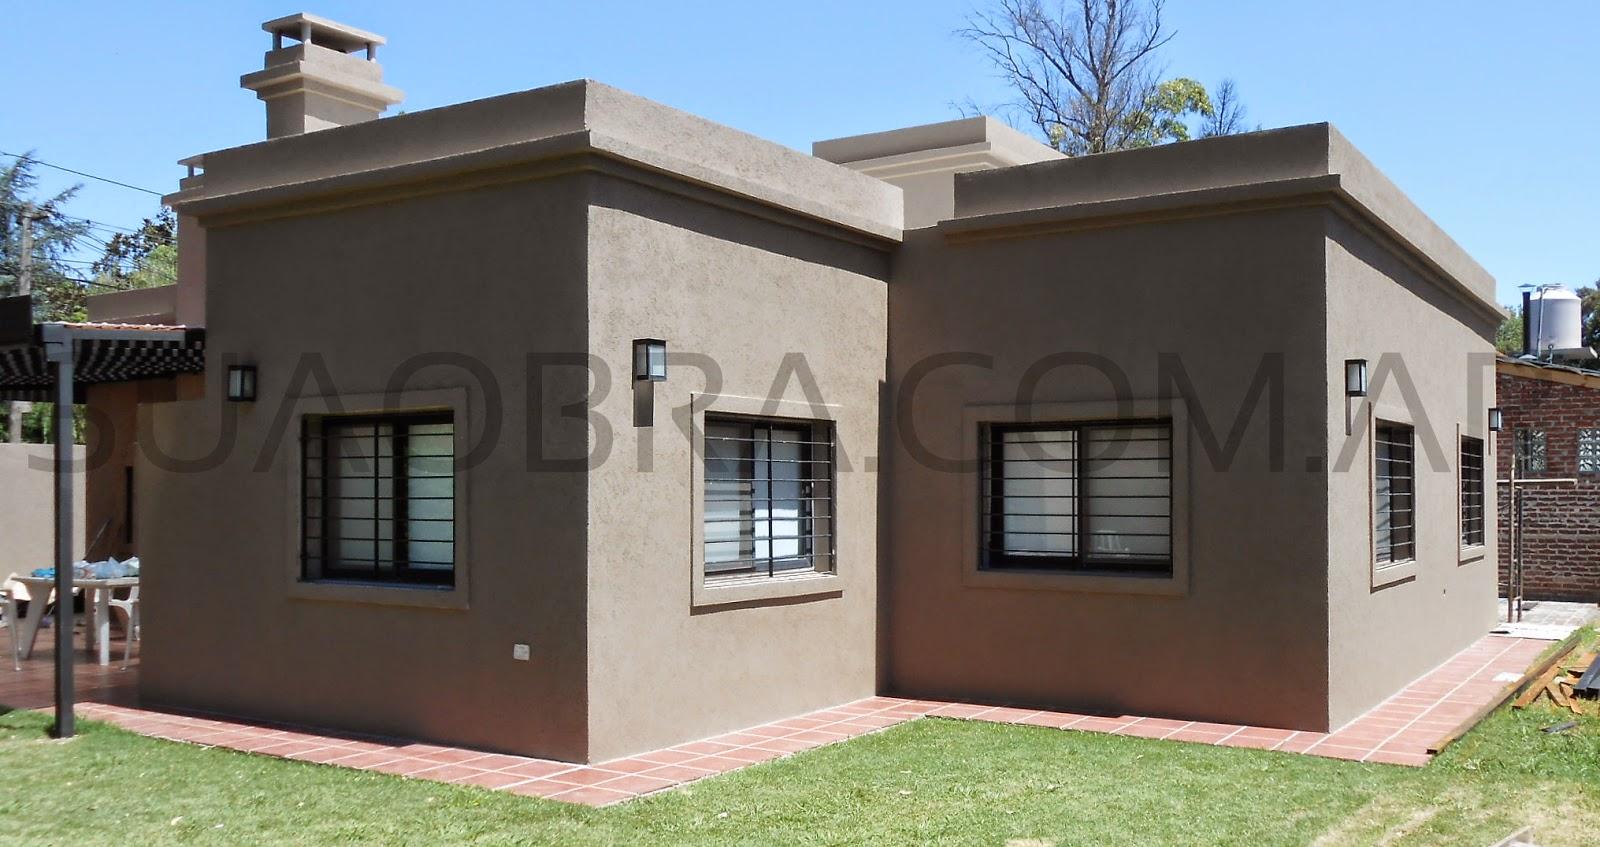 Aplicacion de revestimiento plastico para paredes exteriores tipo tarquini color zona norte - Revestimiento para exterior ...